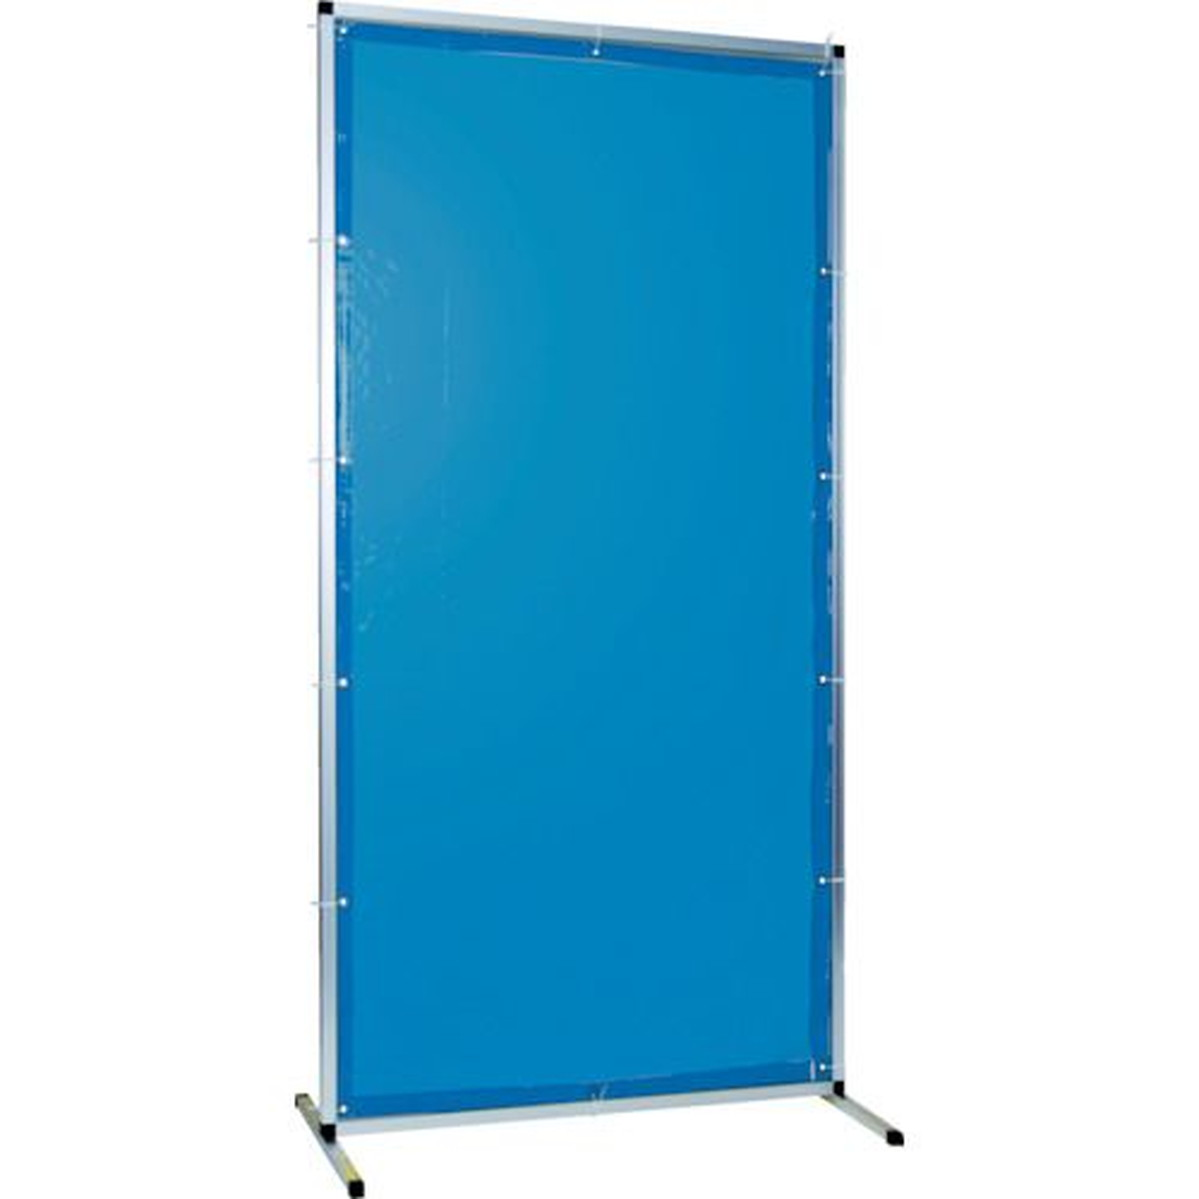 あす楽対応 DIY用品 激安通販ショッピング TRUSCO 溶接用遮光フェンス アルミ製 W1000XH1500 1台 5%OFF ブルー